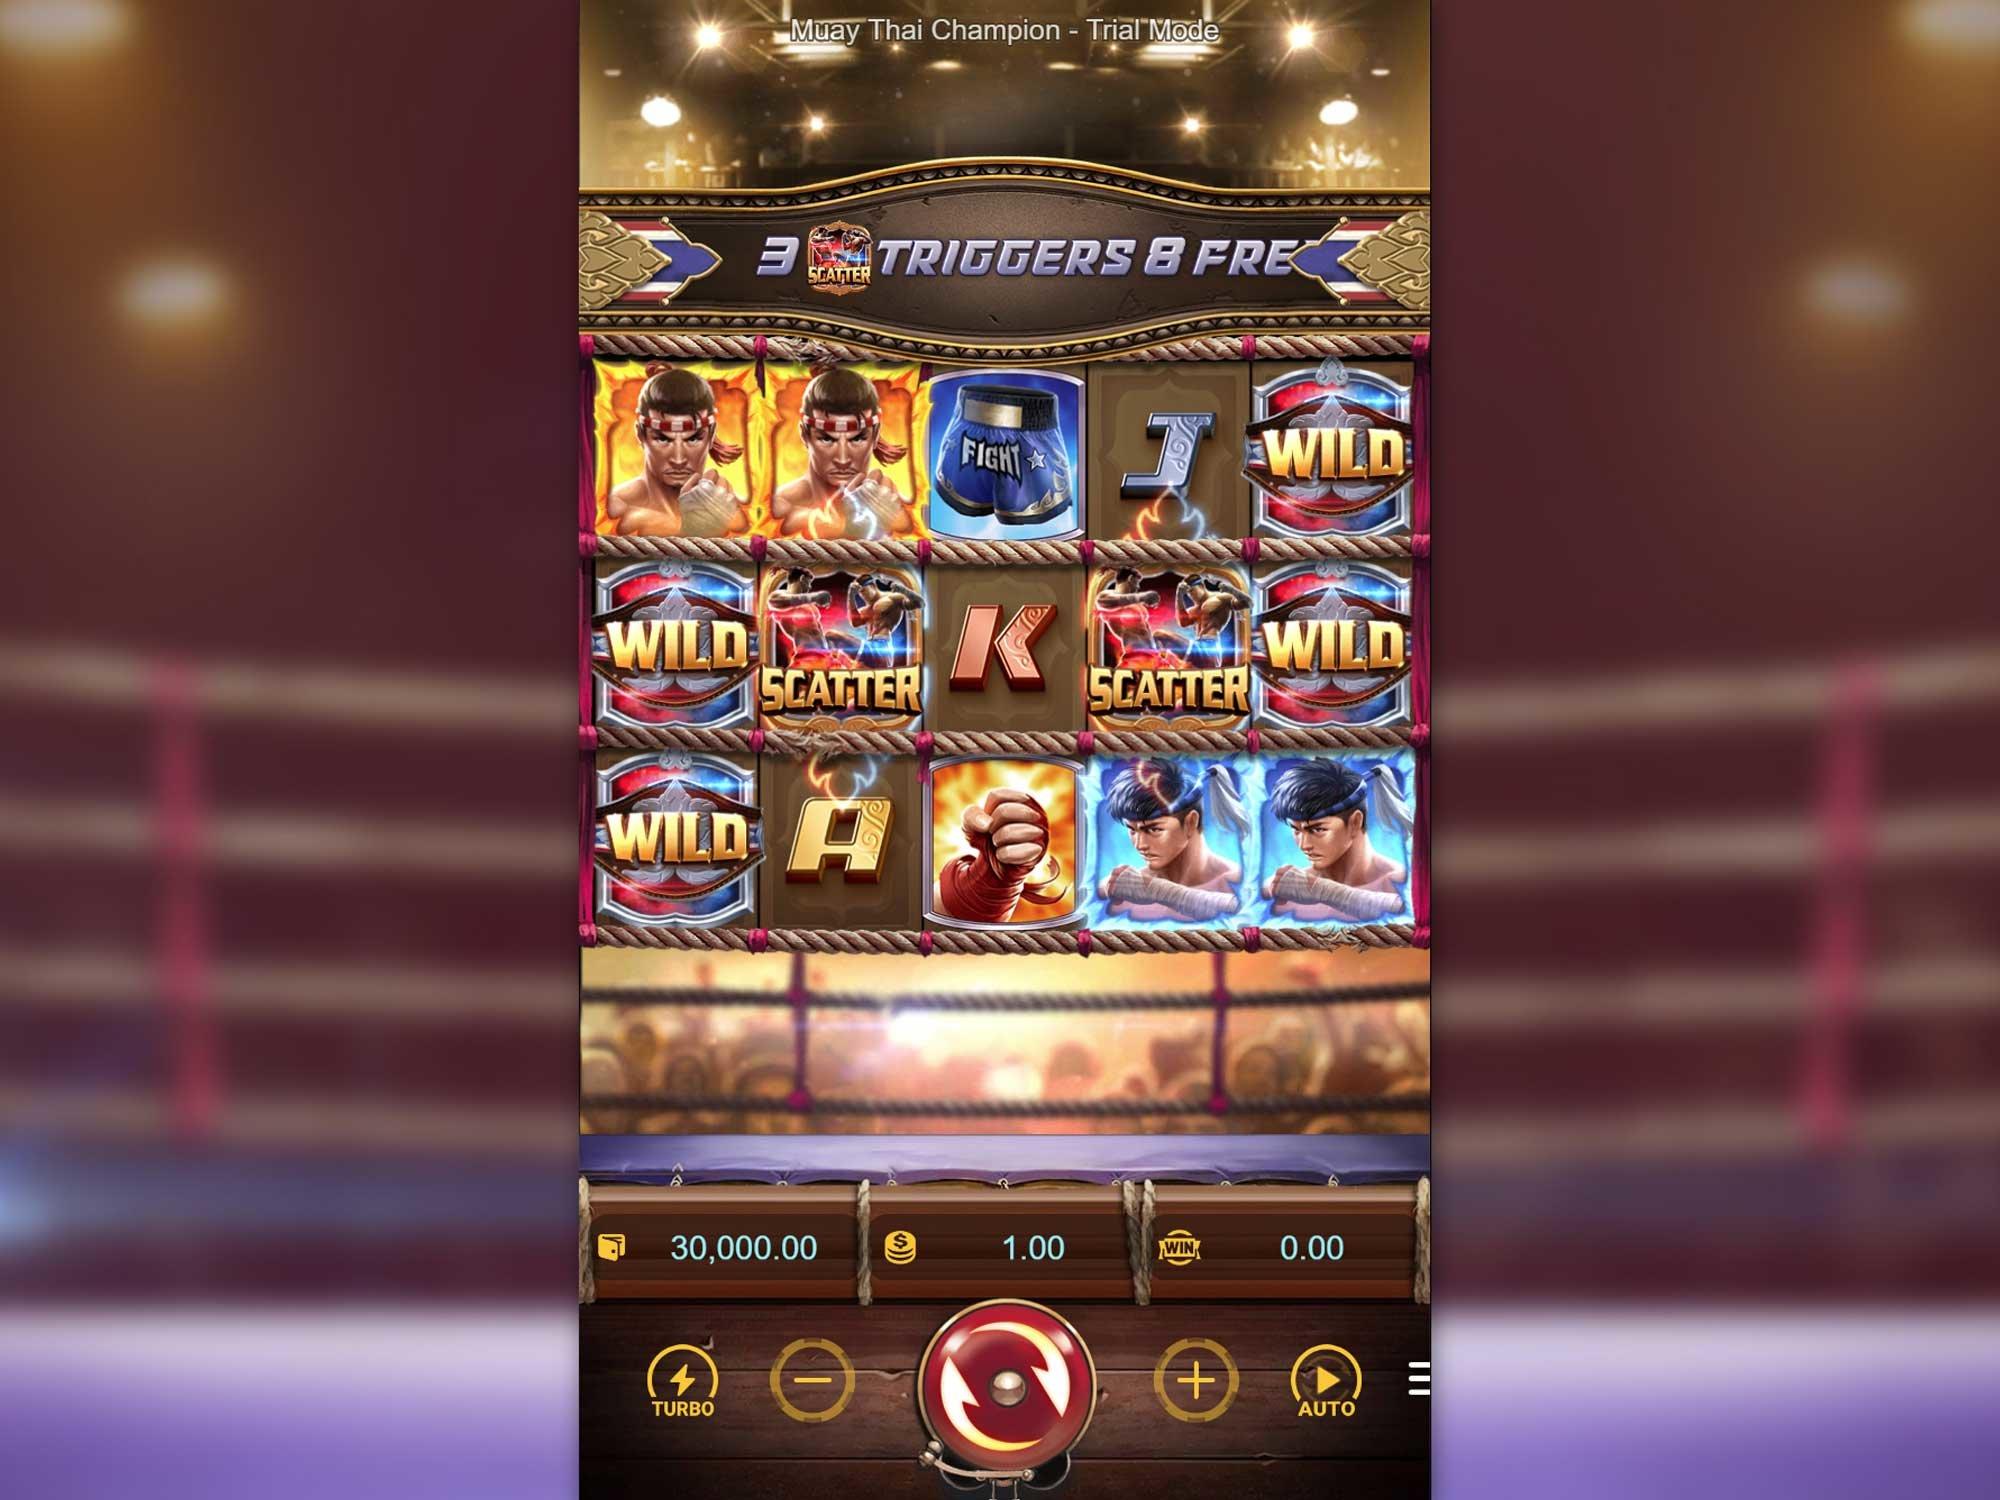 PGSLOT-Muay-Thai-Champion เครดิตฟรี 2020-ไม่-ฝาก-ไม่แชร์